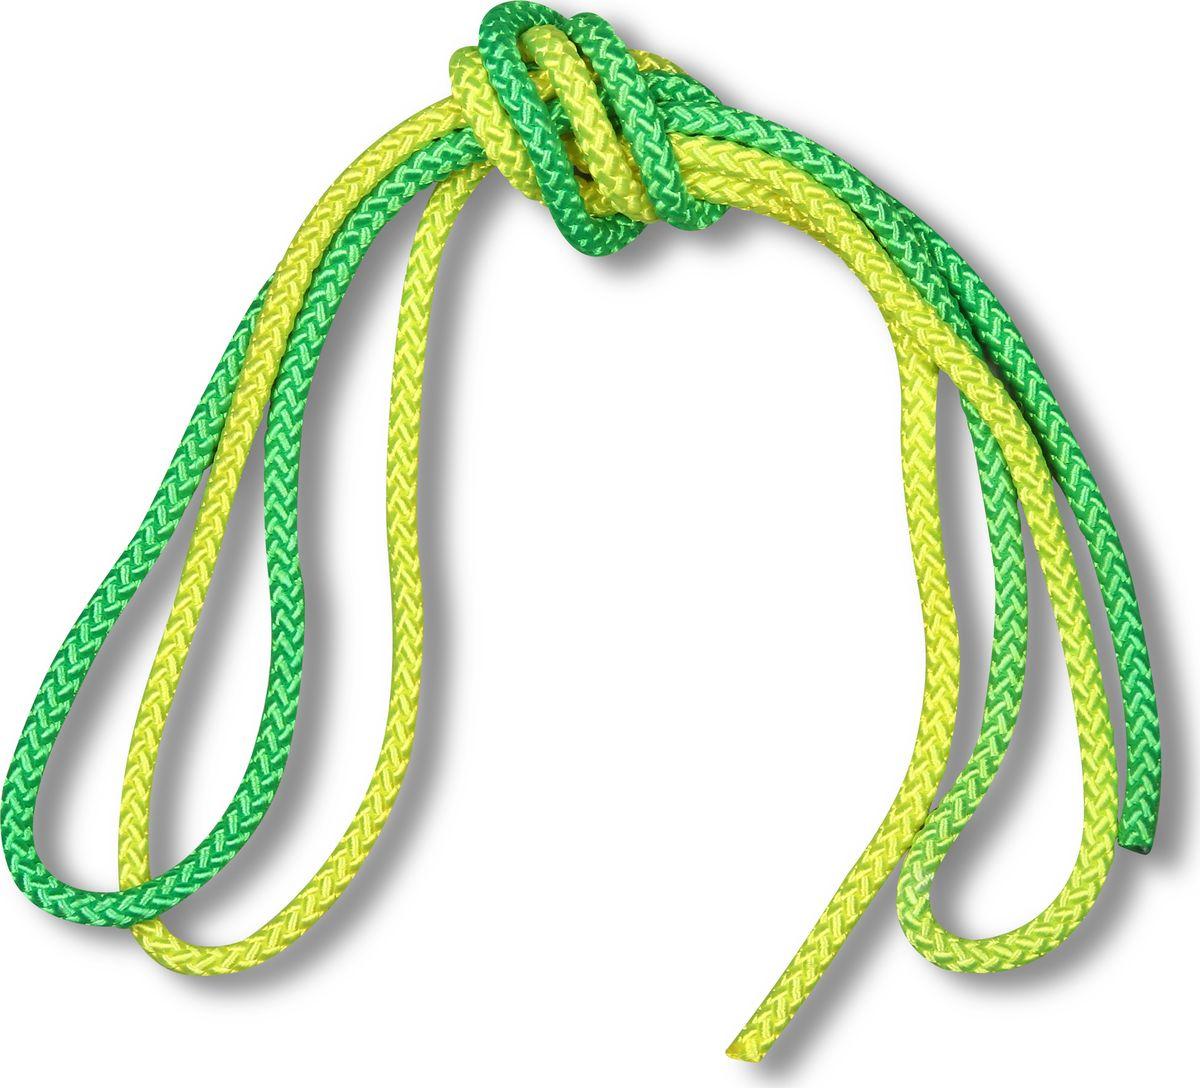 Скакалка гимнастическая Indigo, двухцветная, цвет: желтый, зеленый, 3 м скакалка скоростная proxima crossfit jr 7001 r red